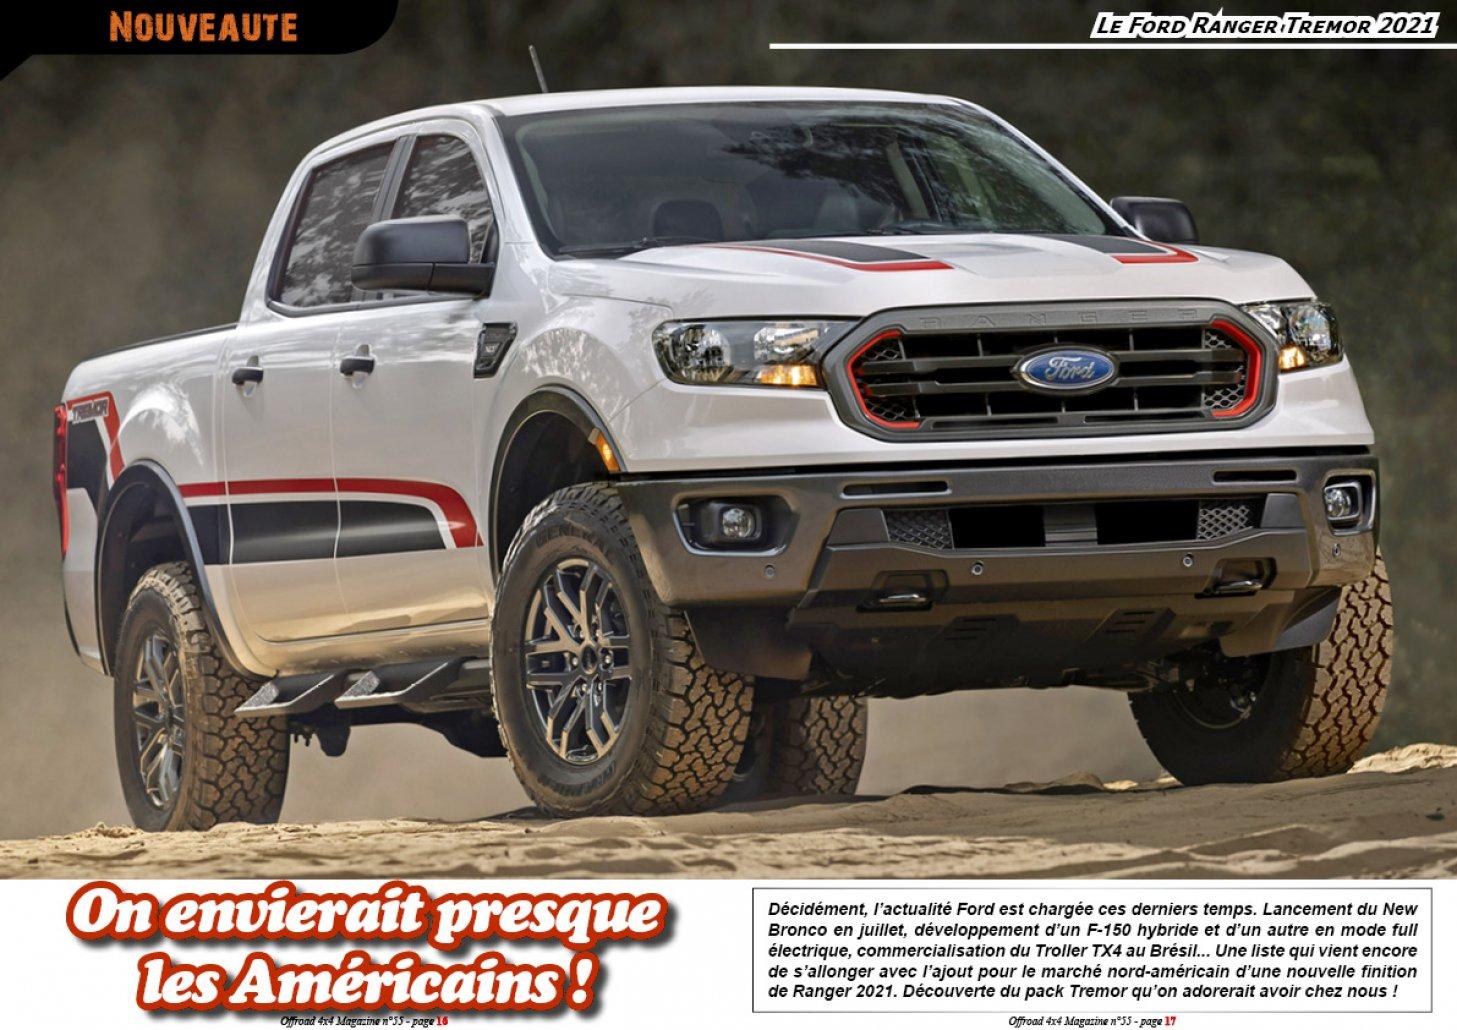 Le Ford Ranger Tremor 2021